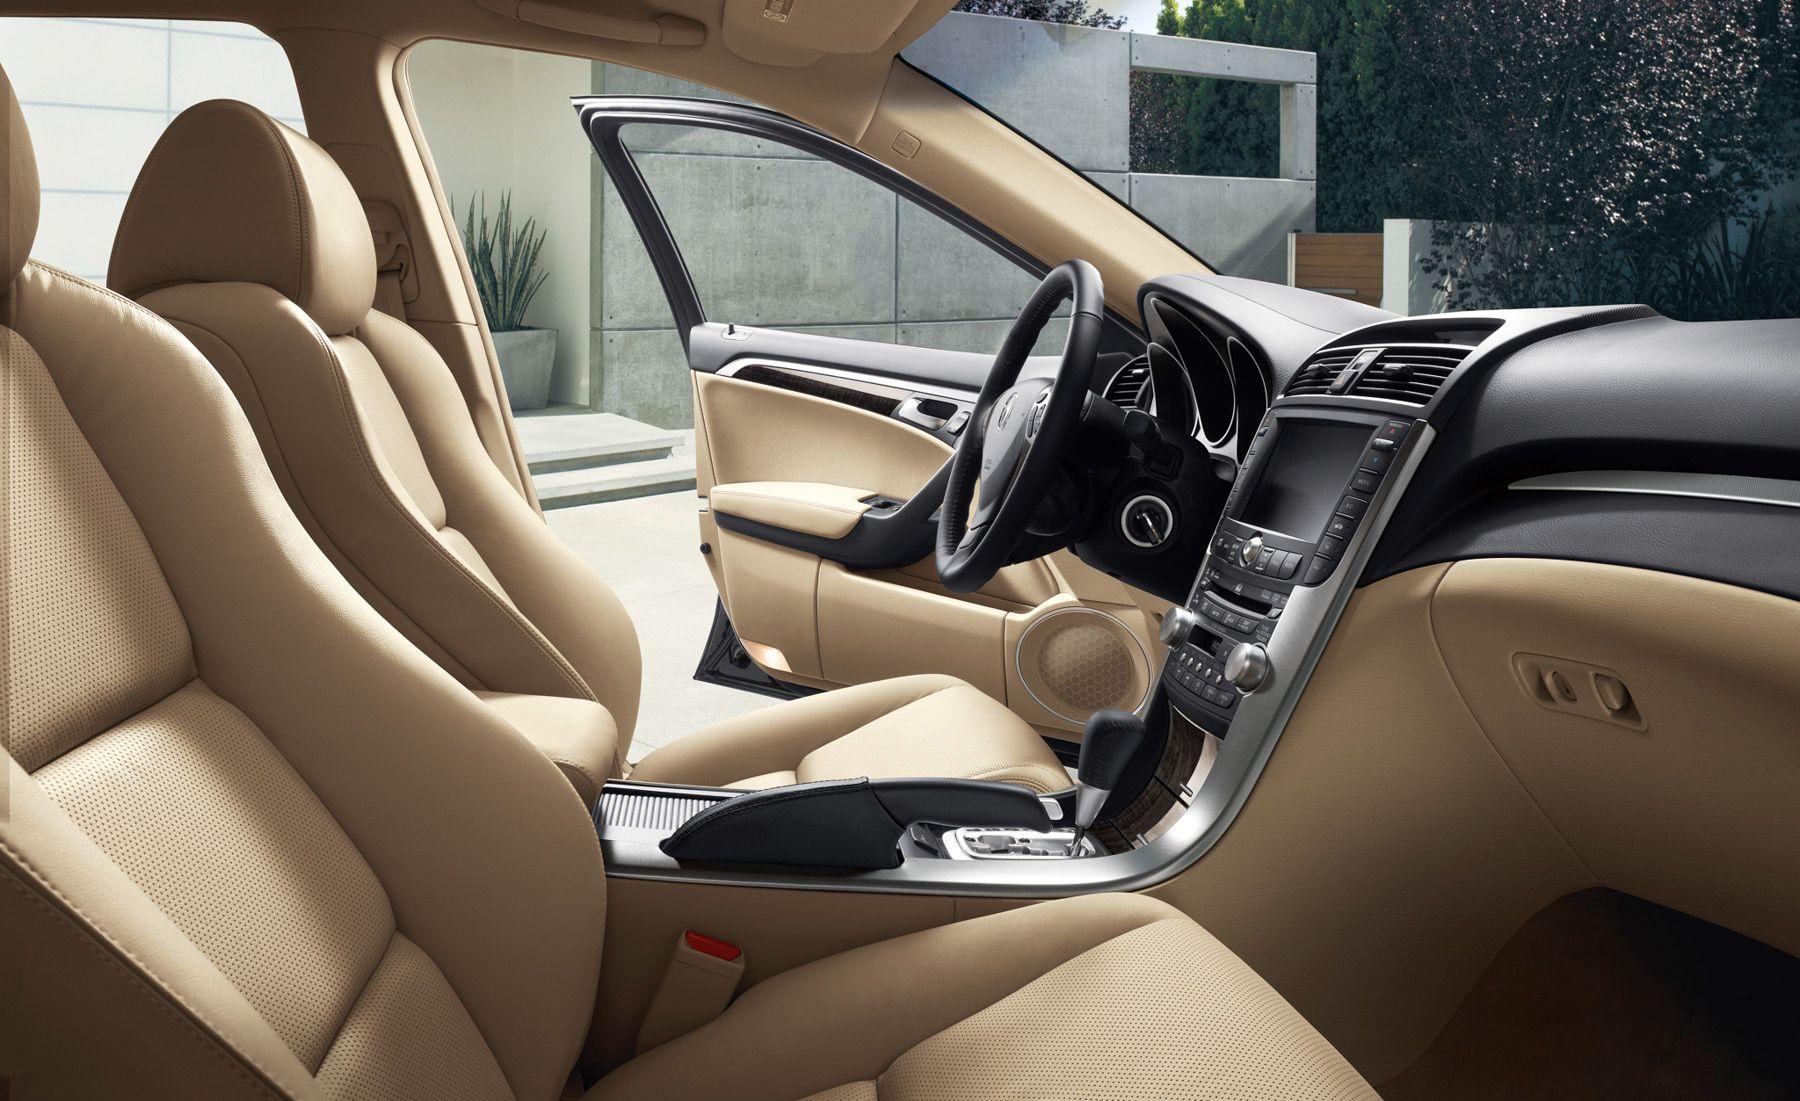 Acura TL interior